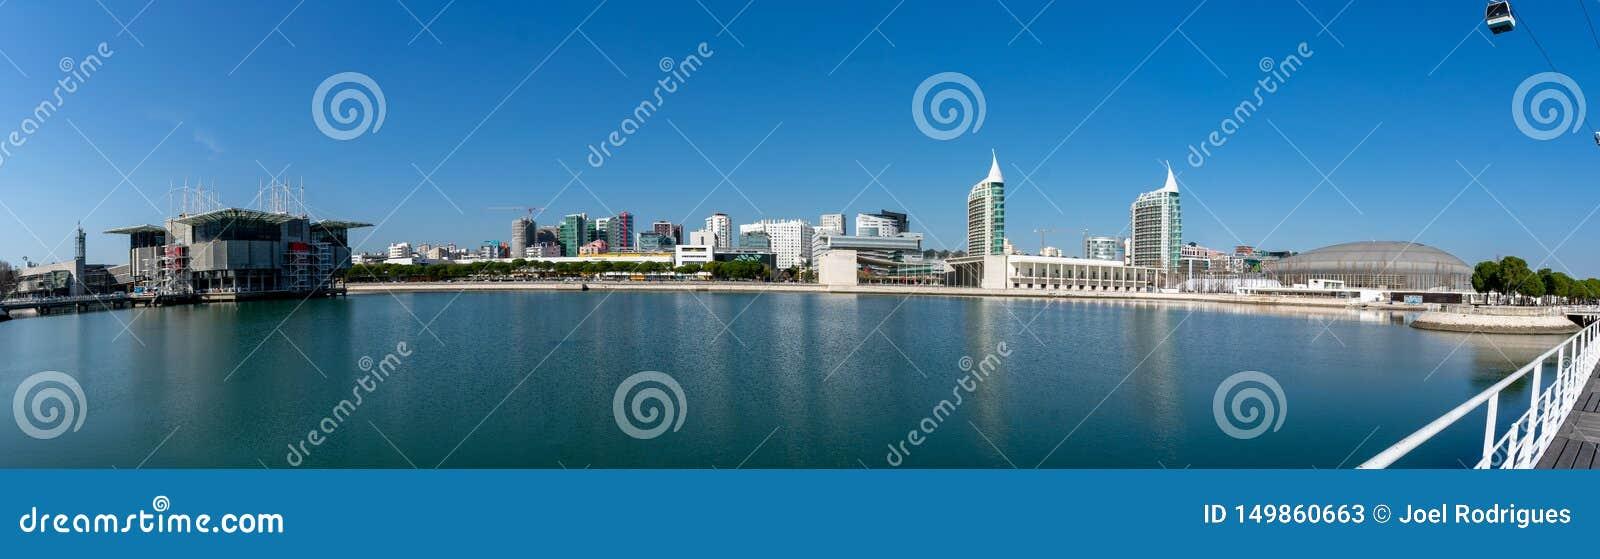 Панорама parc наций в Лиссабоне, показывающ аквариум и смежный городской пейзаж